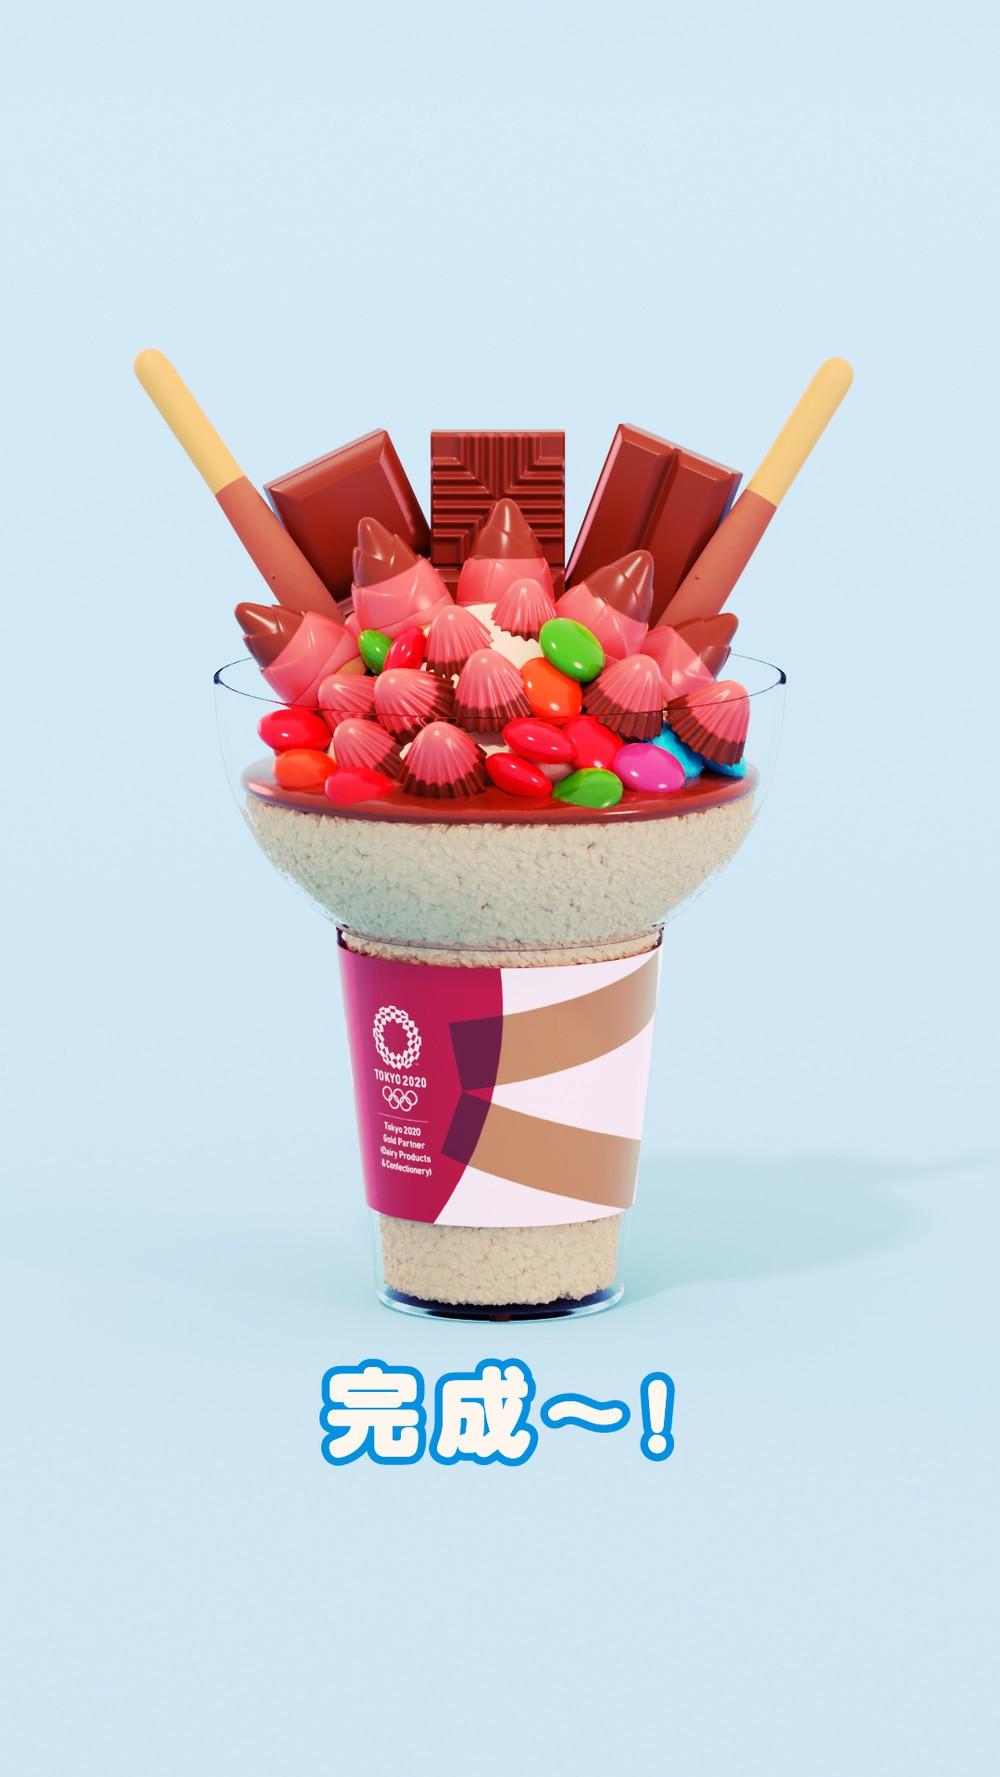 人気のお菓子どっさり「盛りすぎアイス」 東京五輪の「オアシス」コンセプト店で